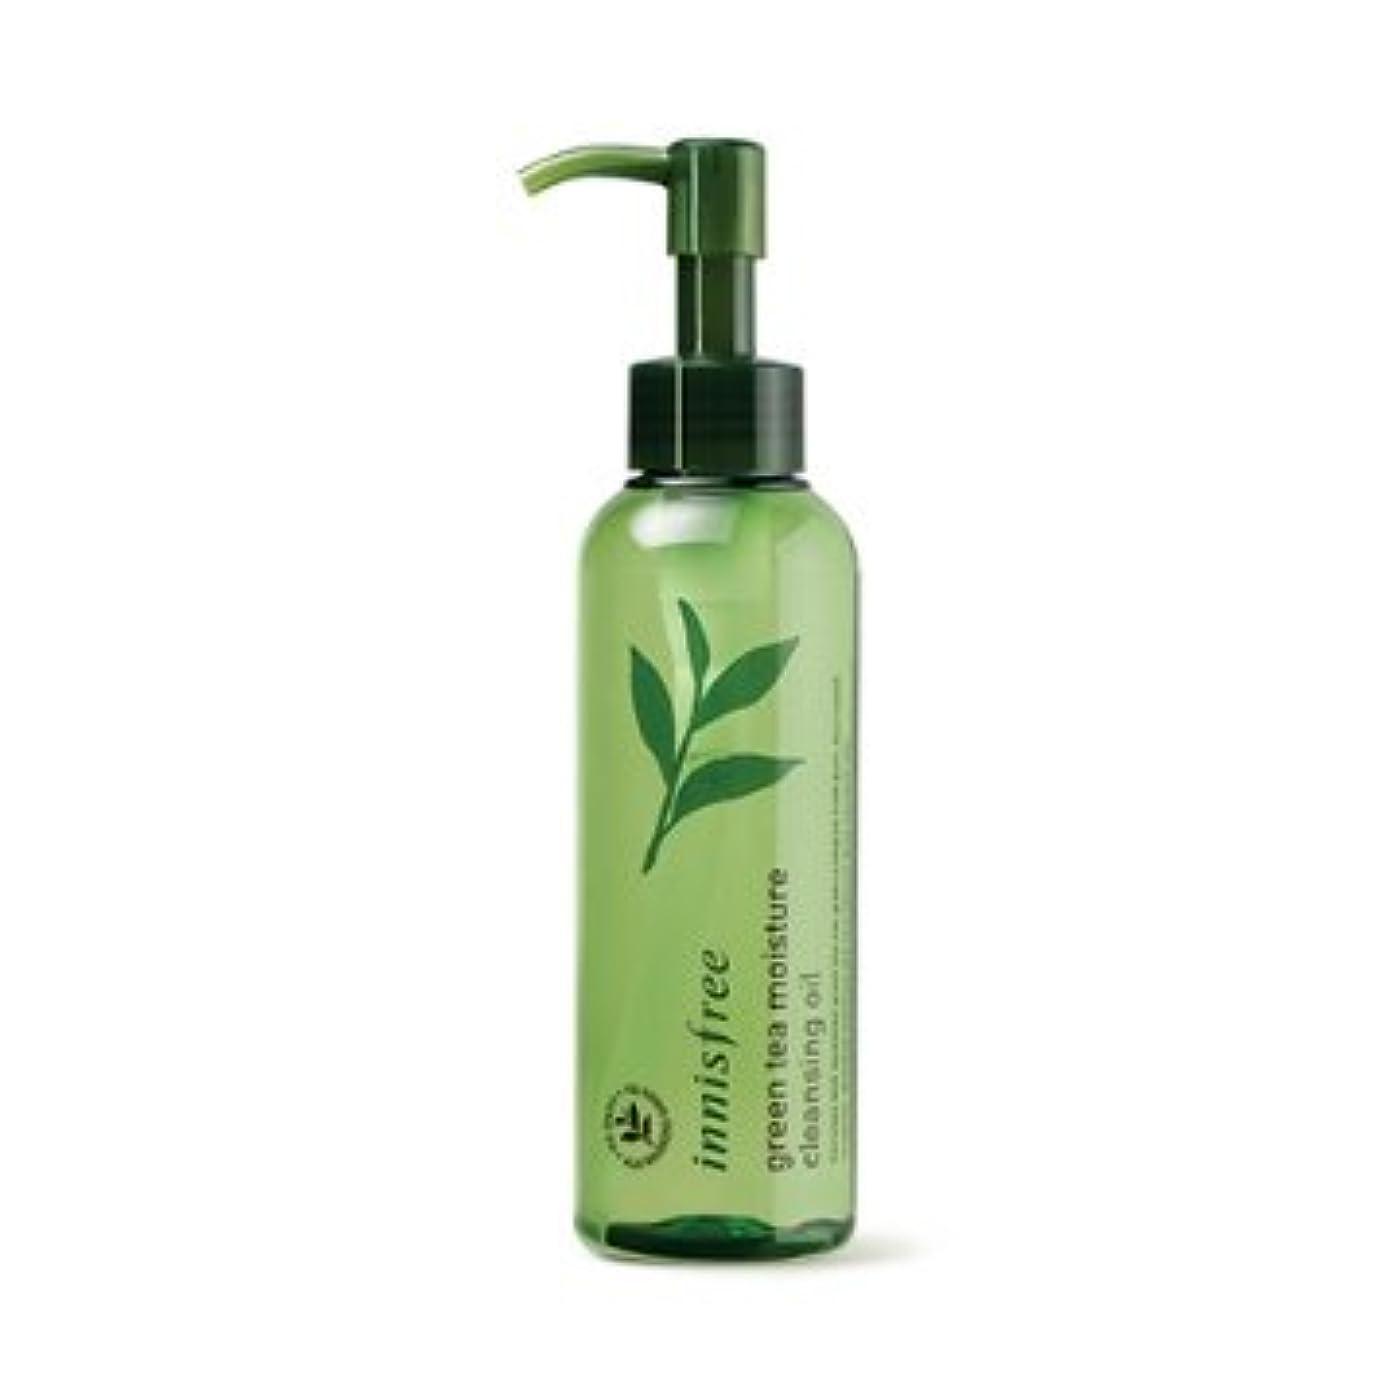 値うまくやる()これまで【イニスフリー】Innisfree green tea moisture cleansing oil - 150ml (韓国直送品) (SHOPPINGINSTAGRAM)